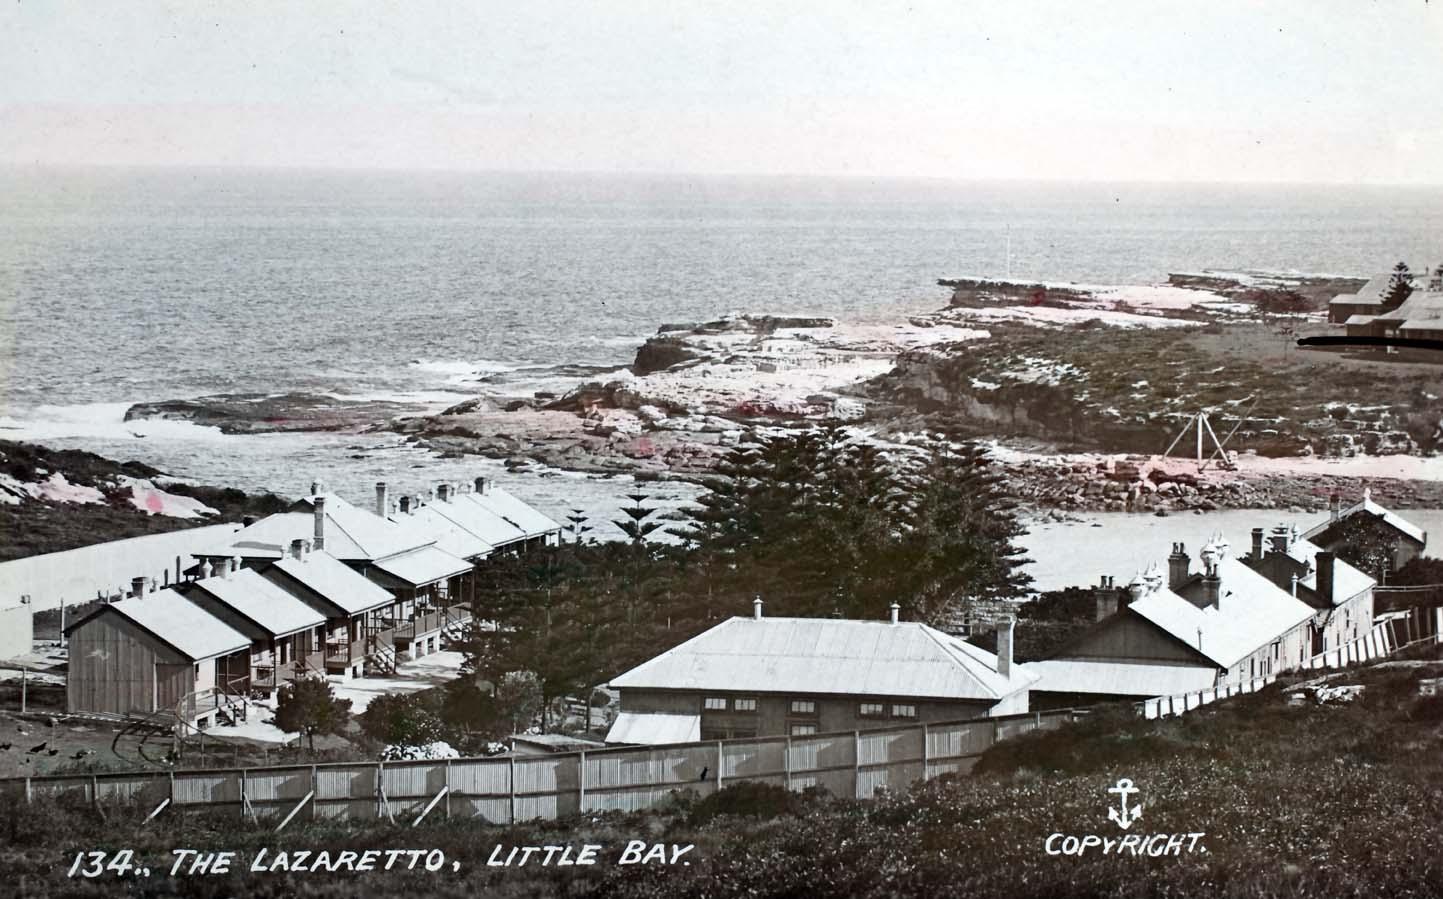 Lazaretto Little Bay